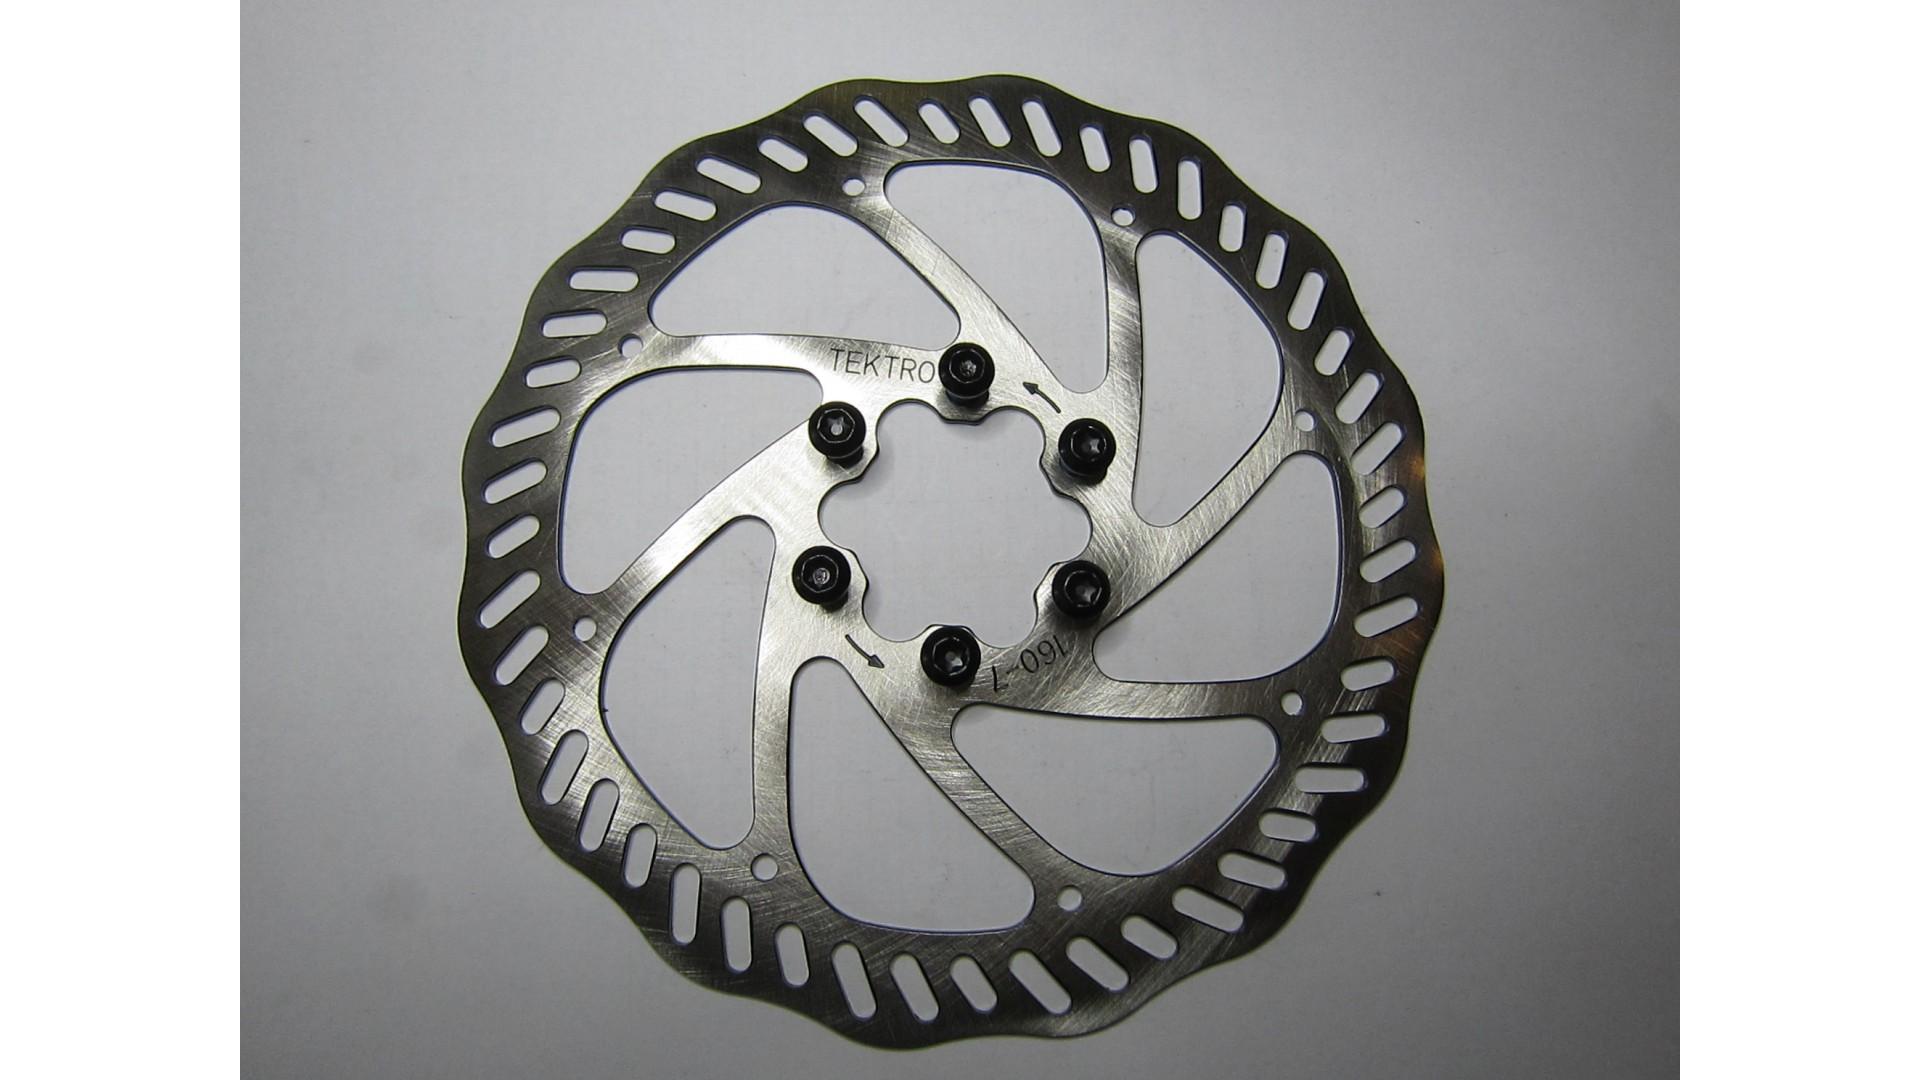 Ротор тормоза дискового Tektro Novela R160P/S